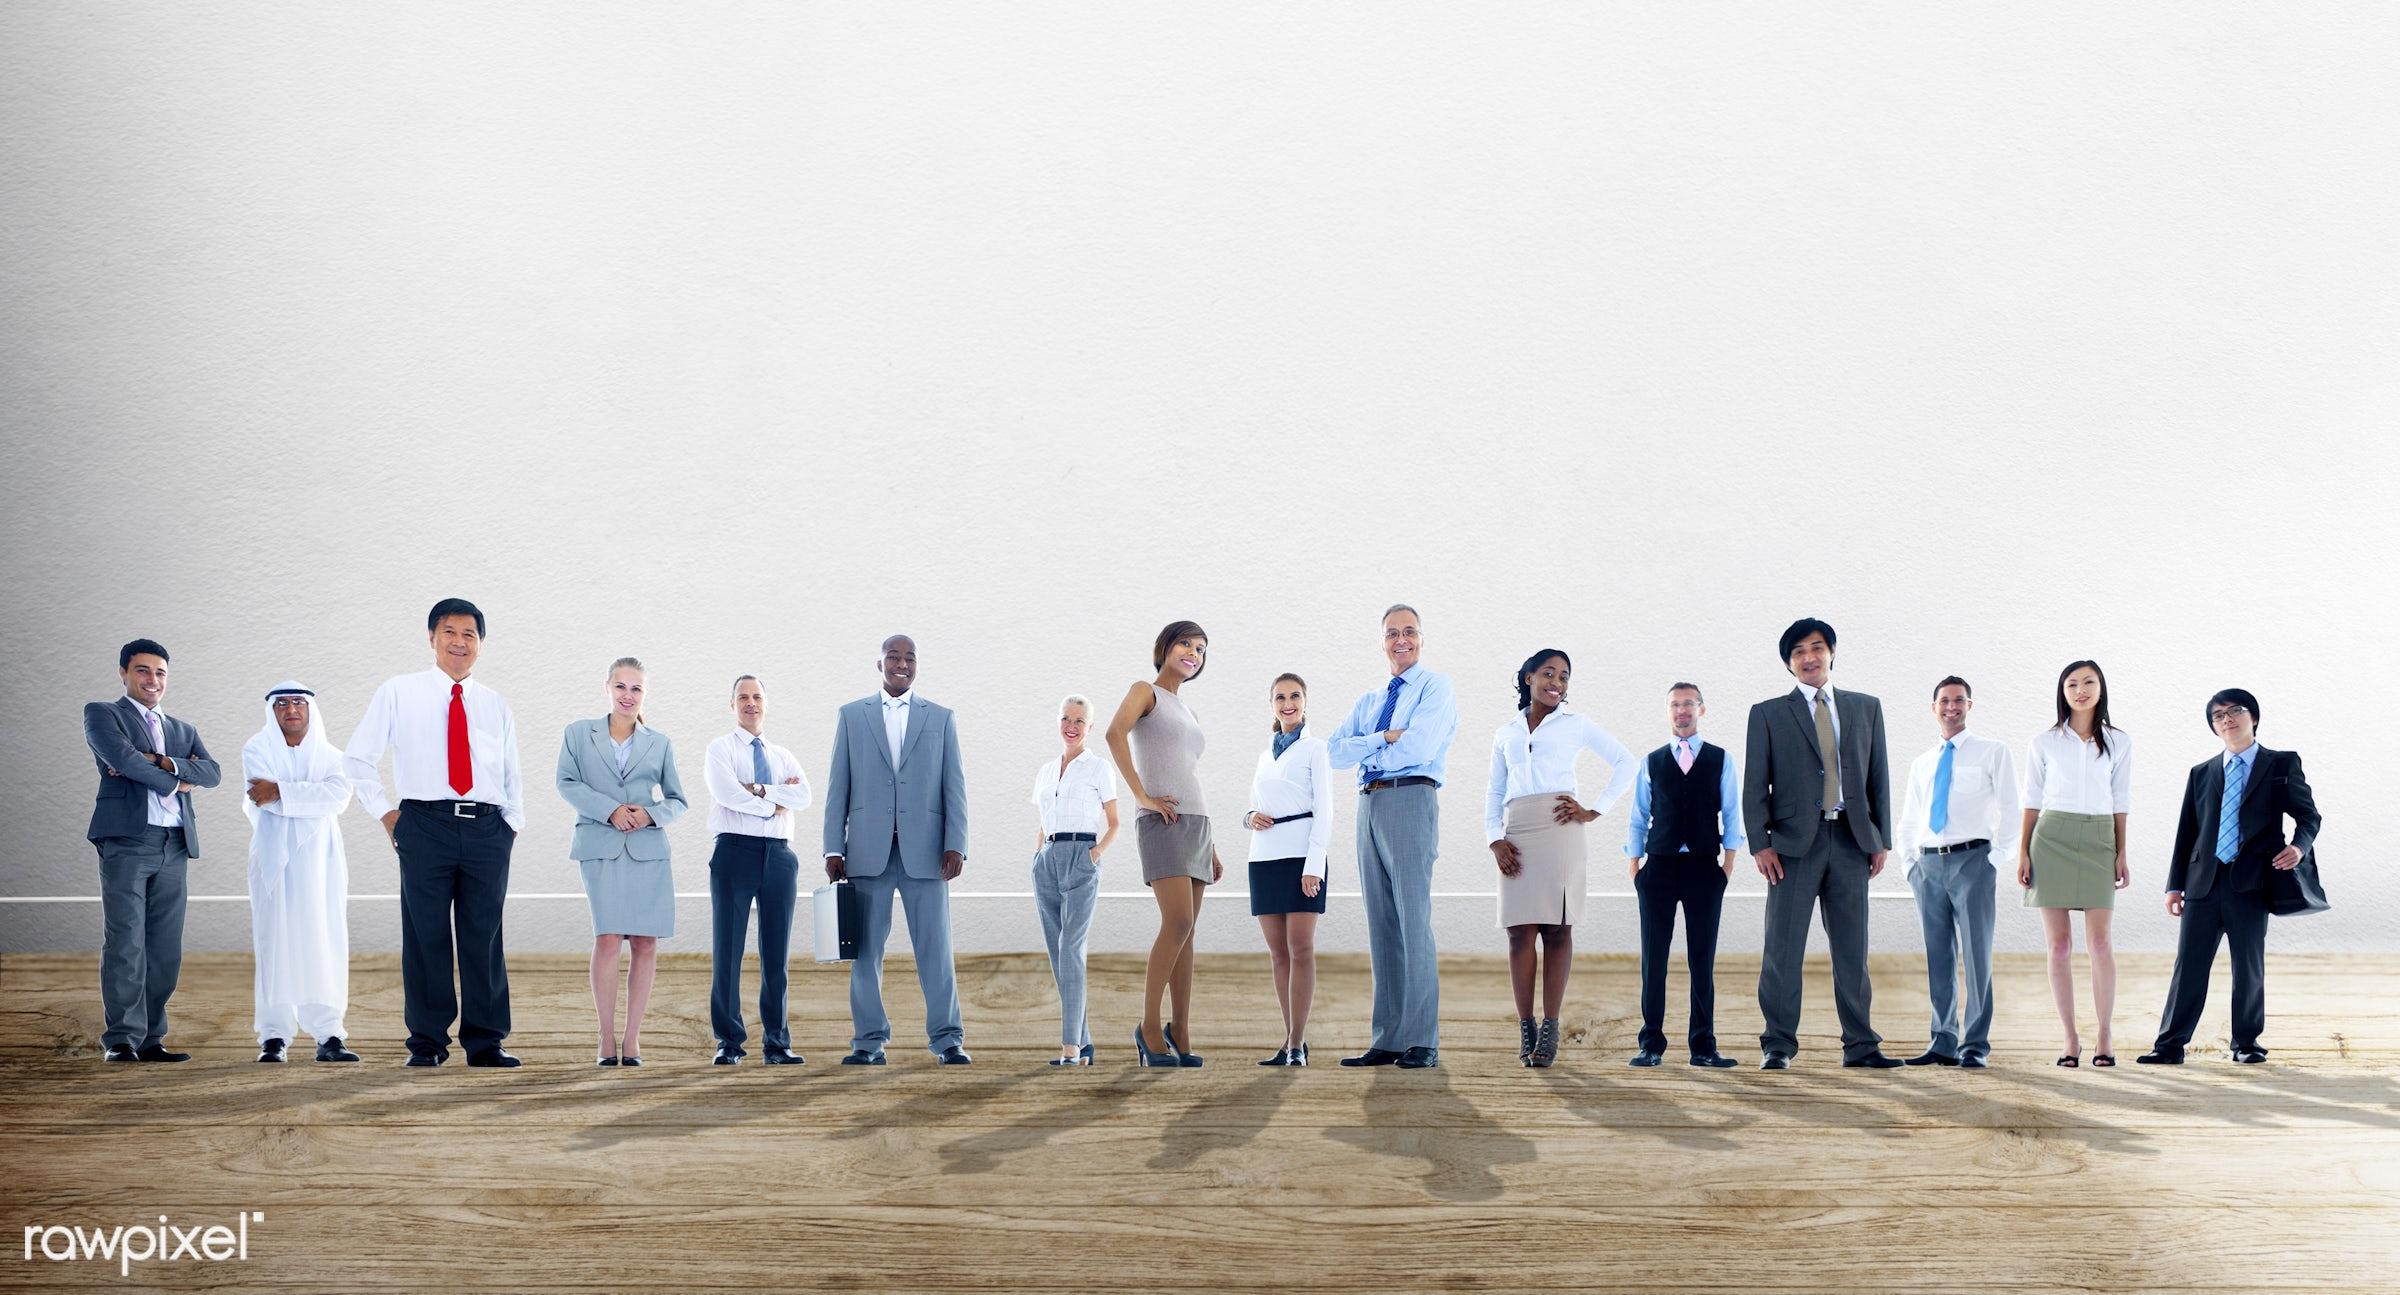 architecture, backdrop, background, business, business people, businessmen, businesswomen, cement, concrete, construction,...